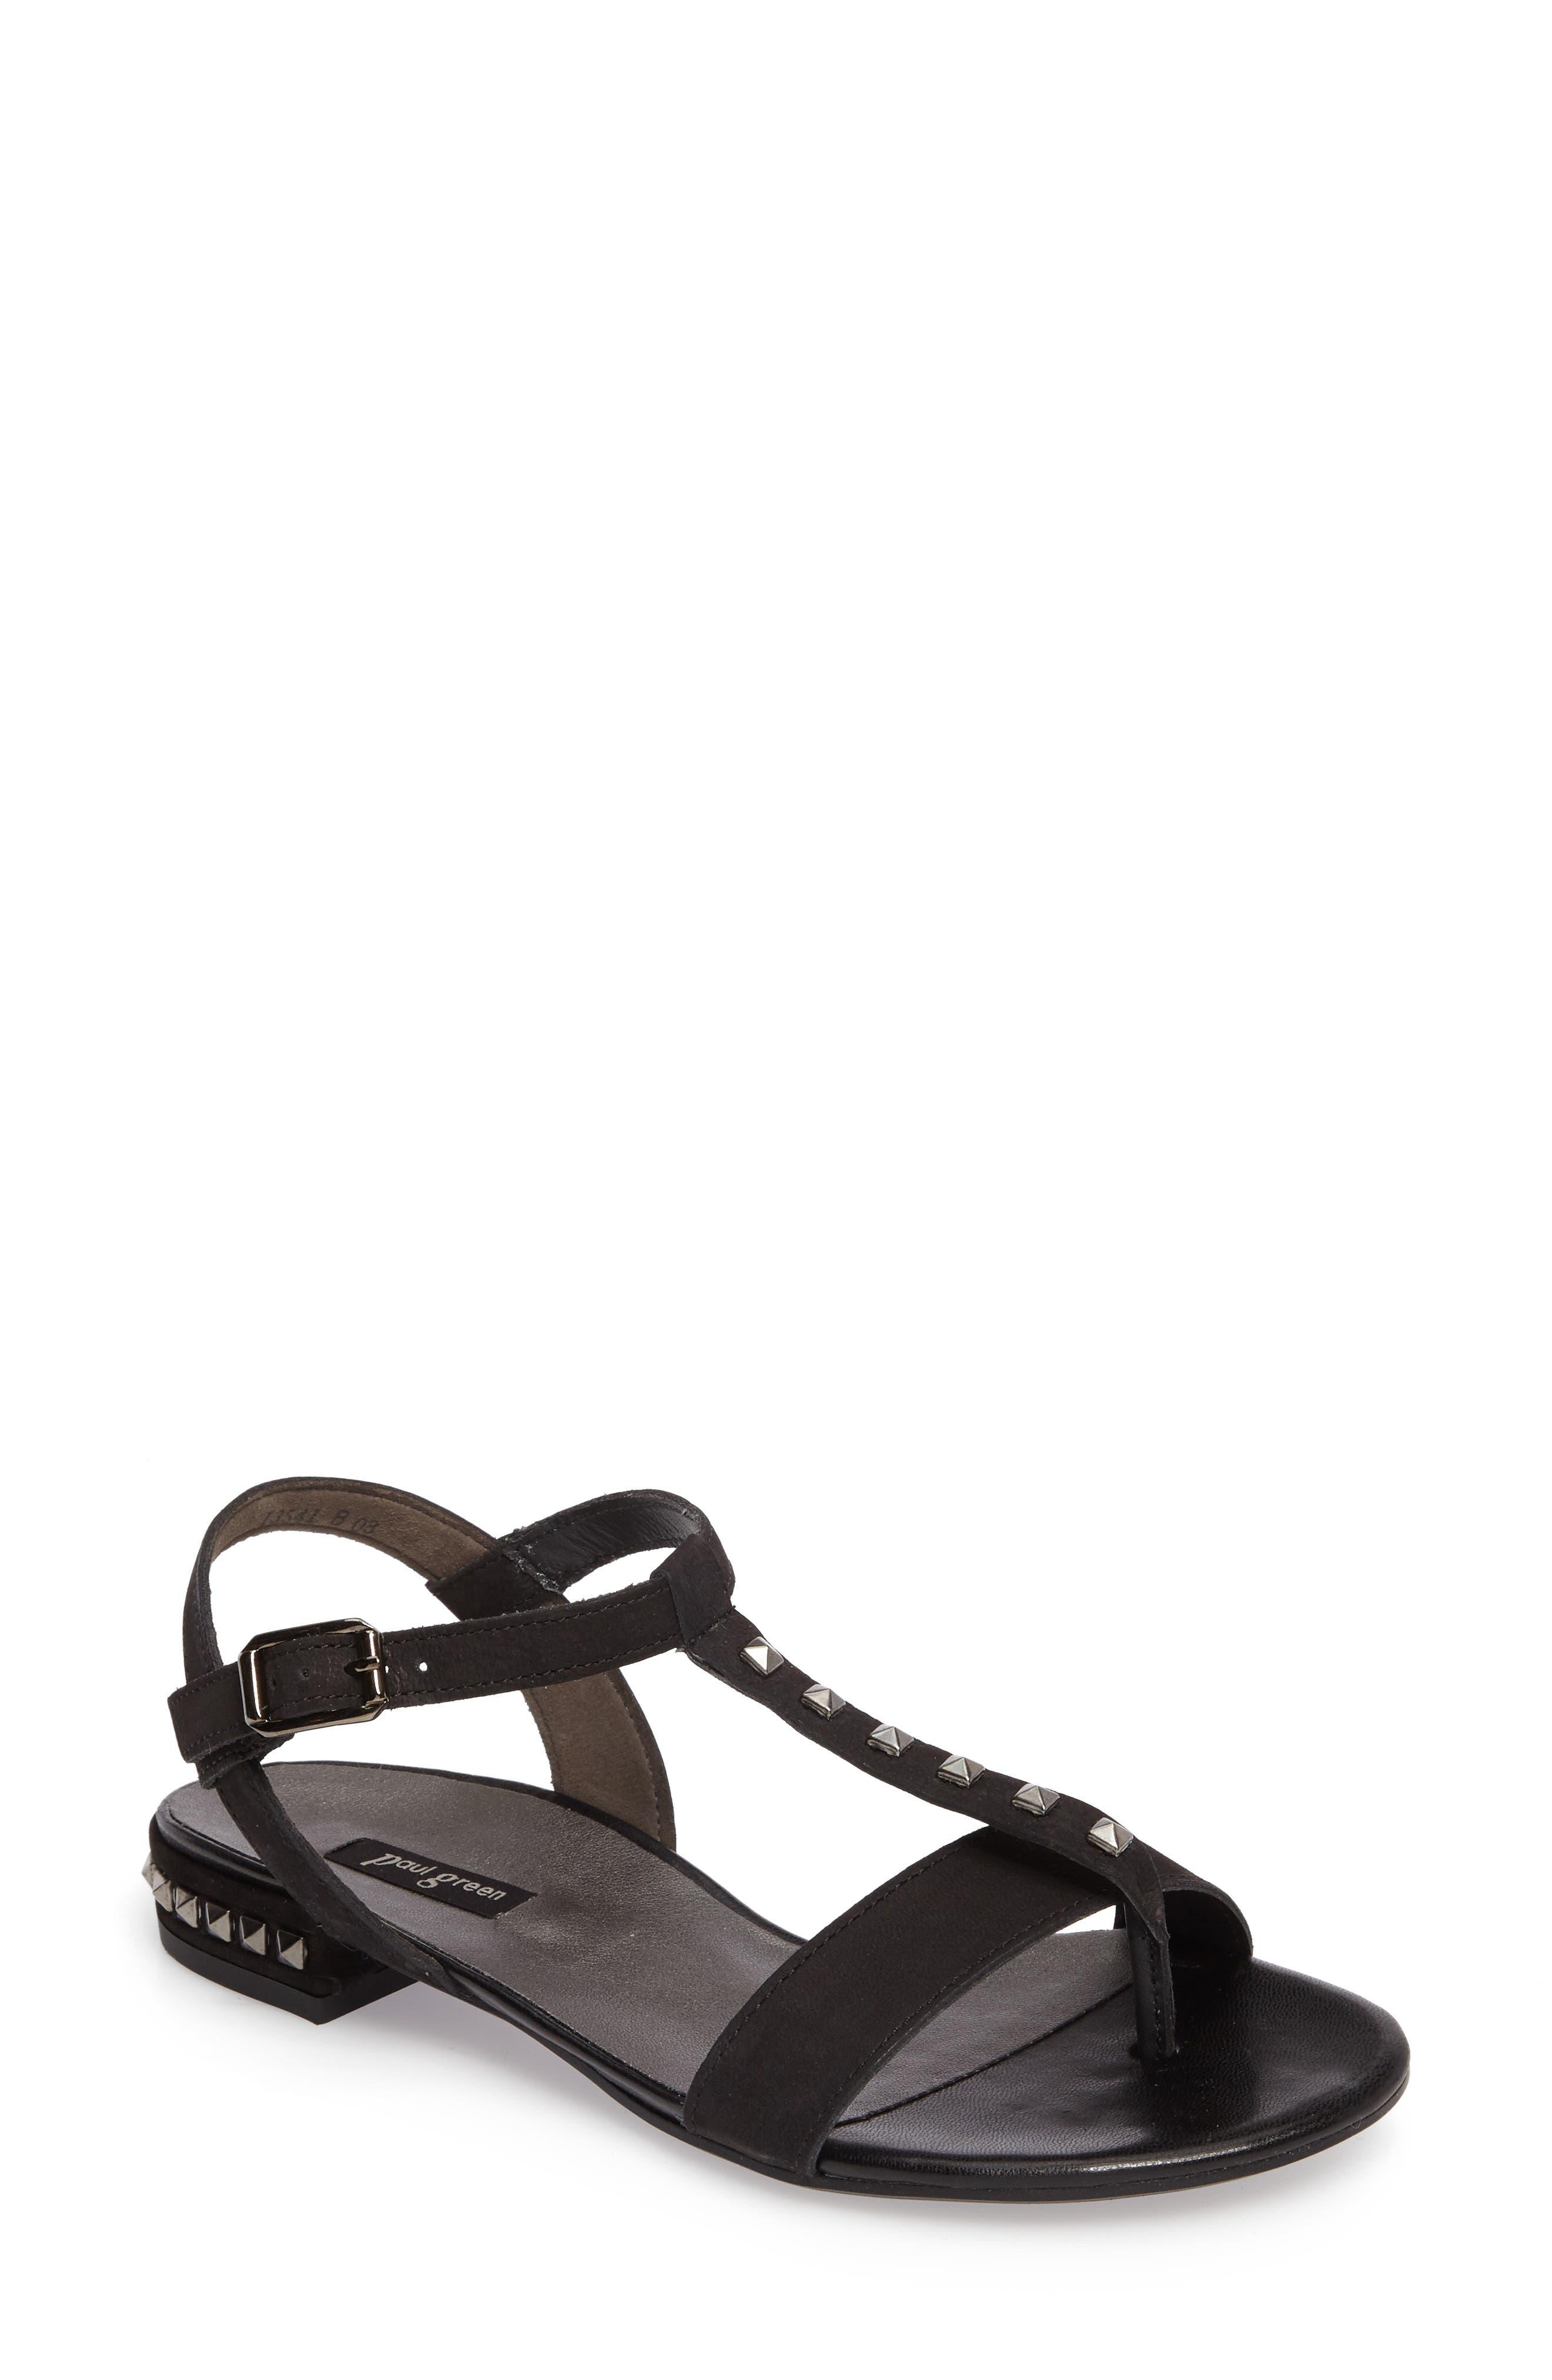 Nepal T-Strap Sandal,                             Main thumbnail 1, color,                             Black Nubuck